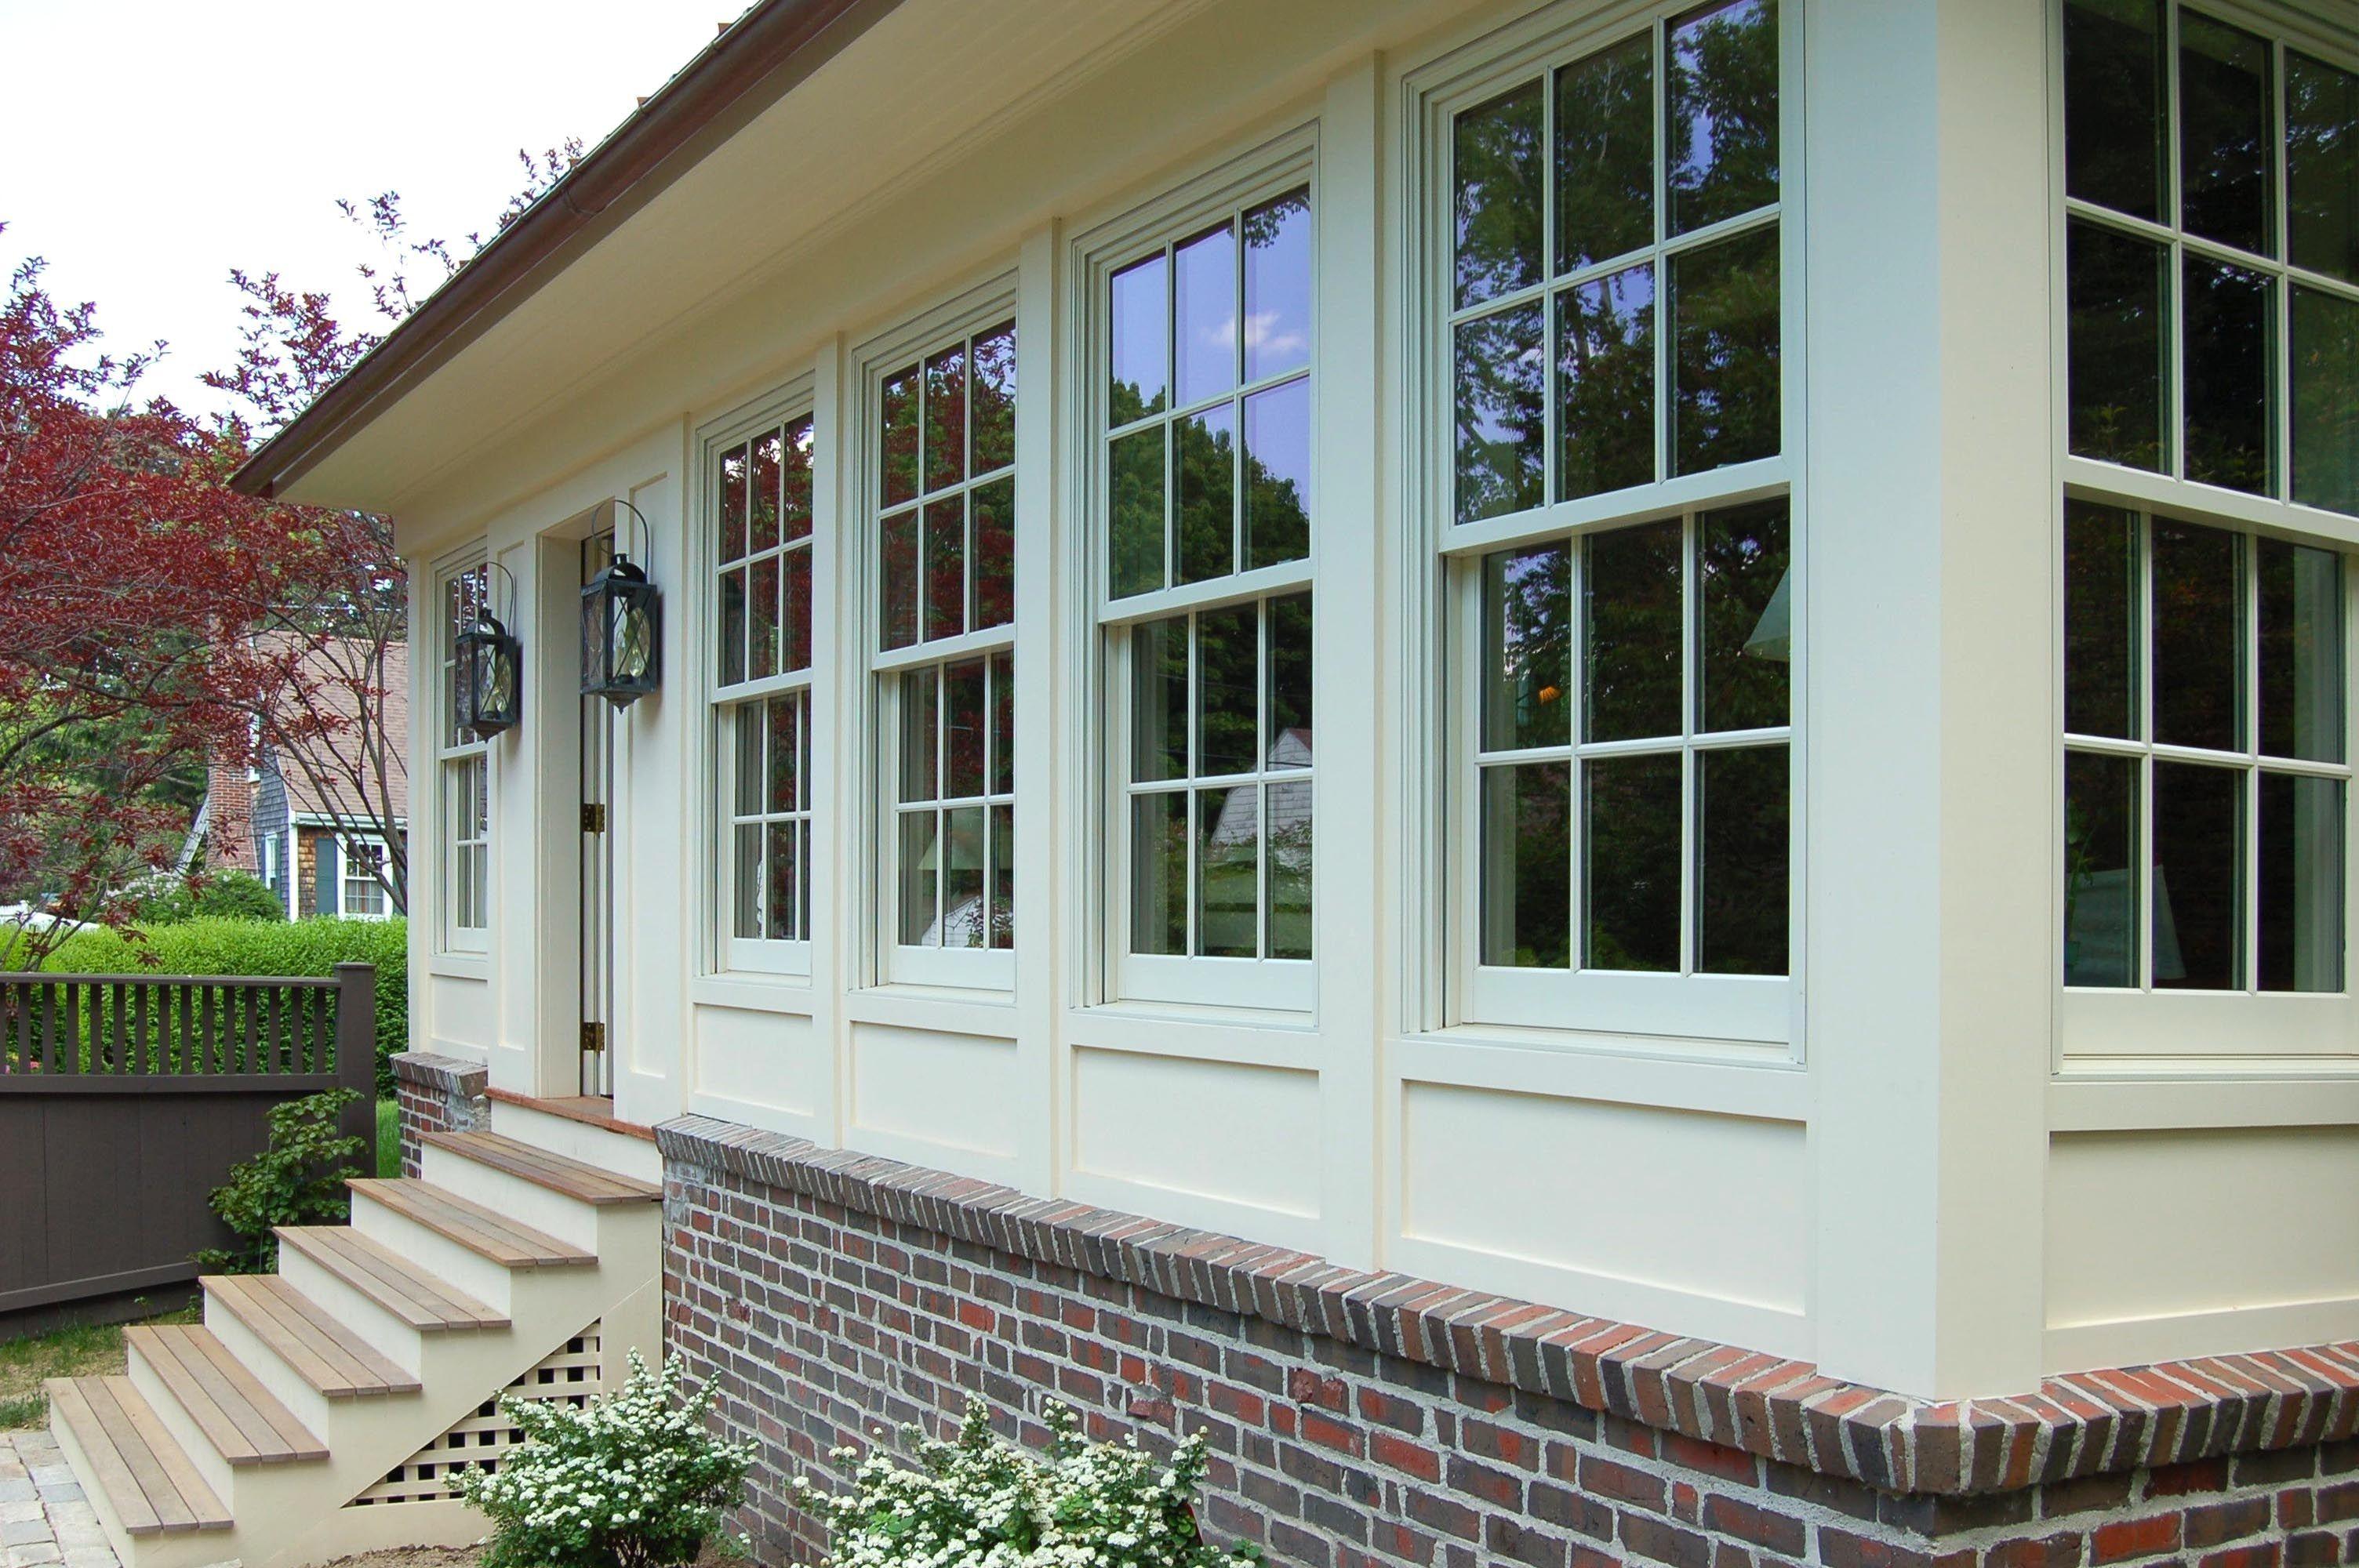 Best Of Front Porch Enclosure Ideas Qs16zu Enclosed Front